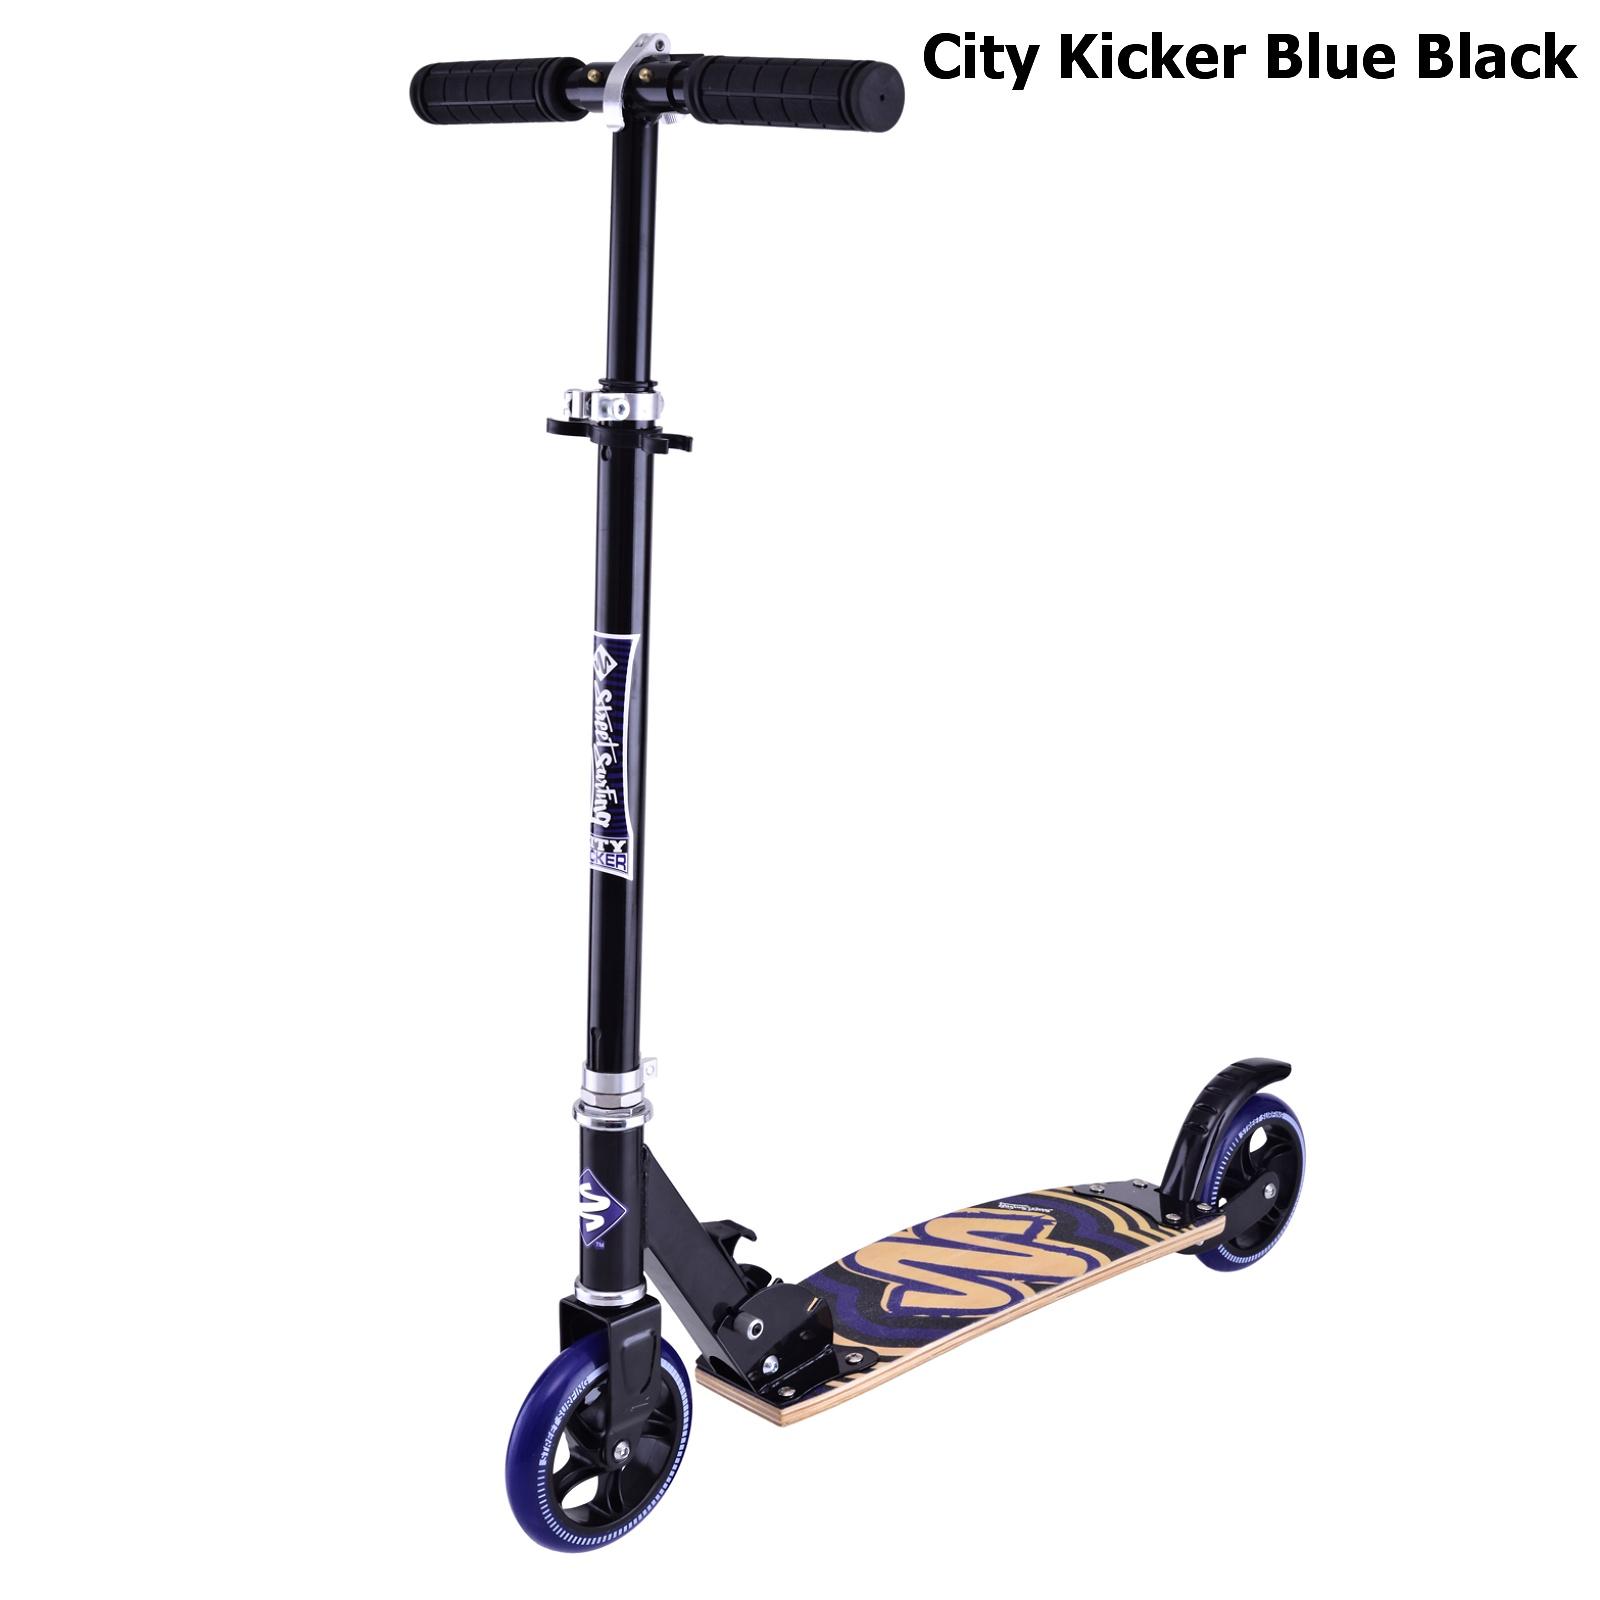 Koloběžka STREET SURFING City Kicker - modro-černá